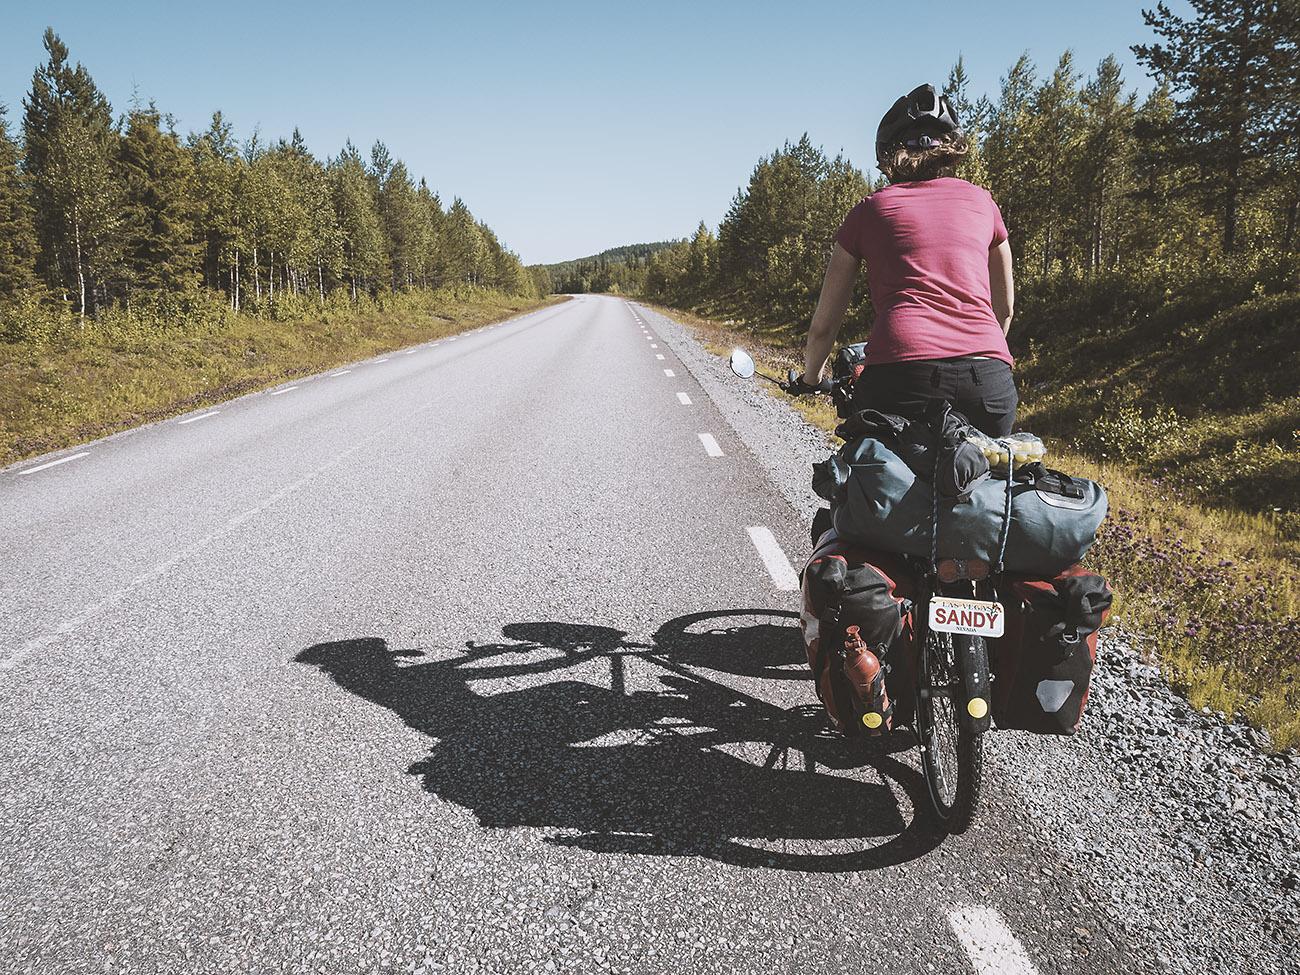 Wir nähern uns der Grenze zu Finnland